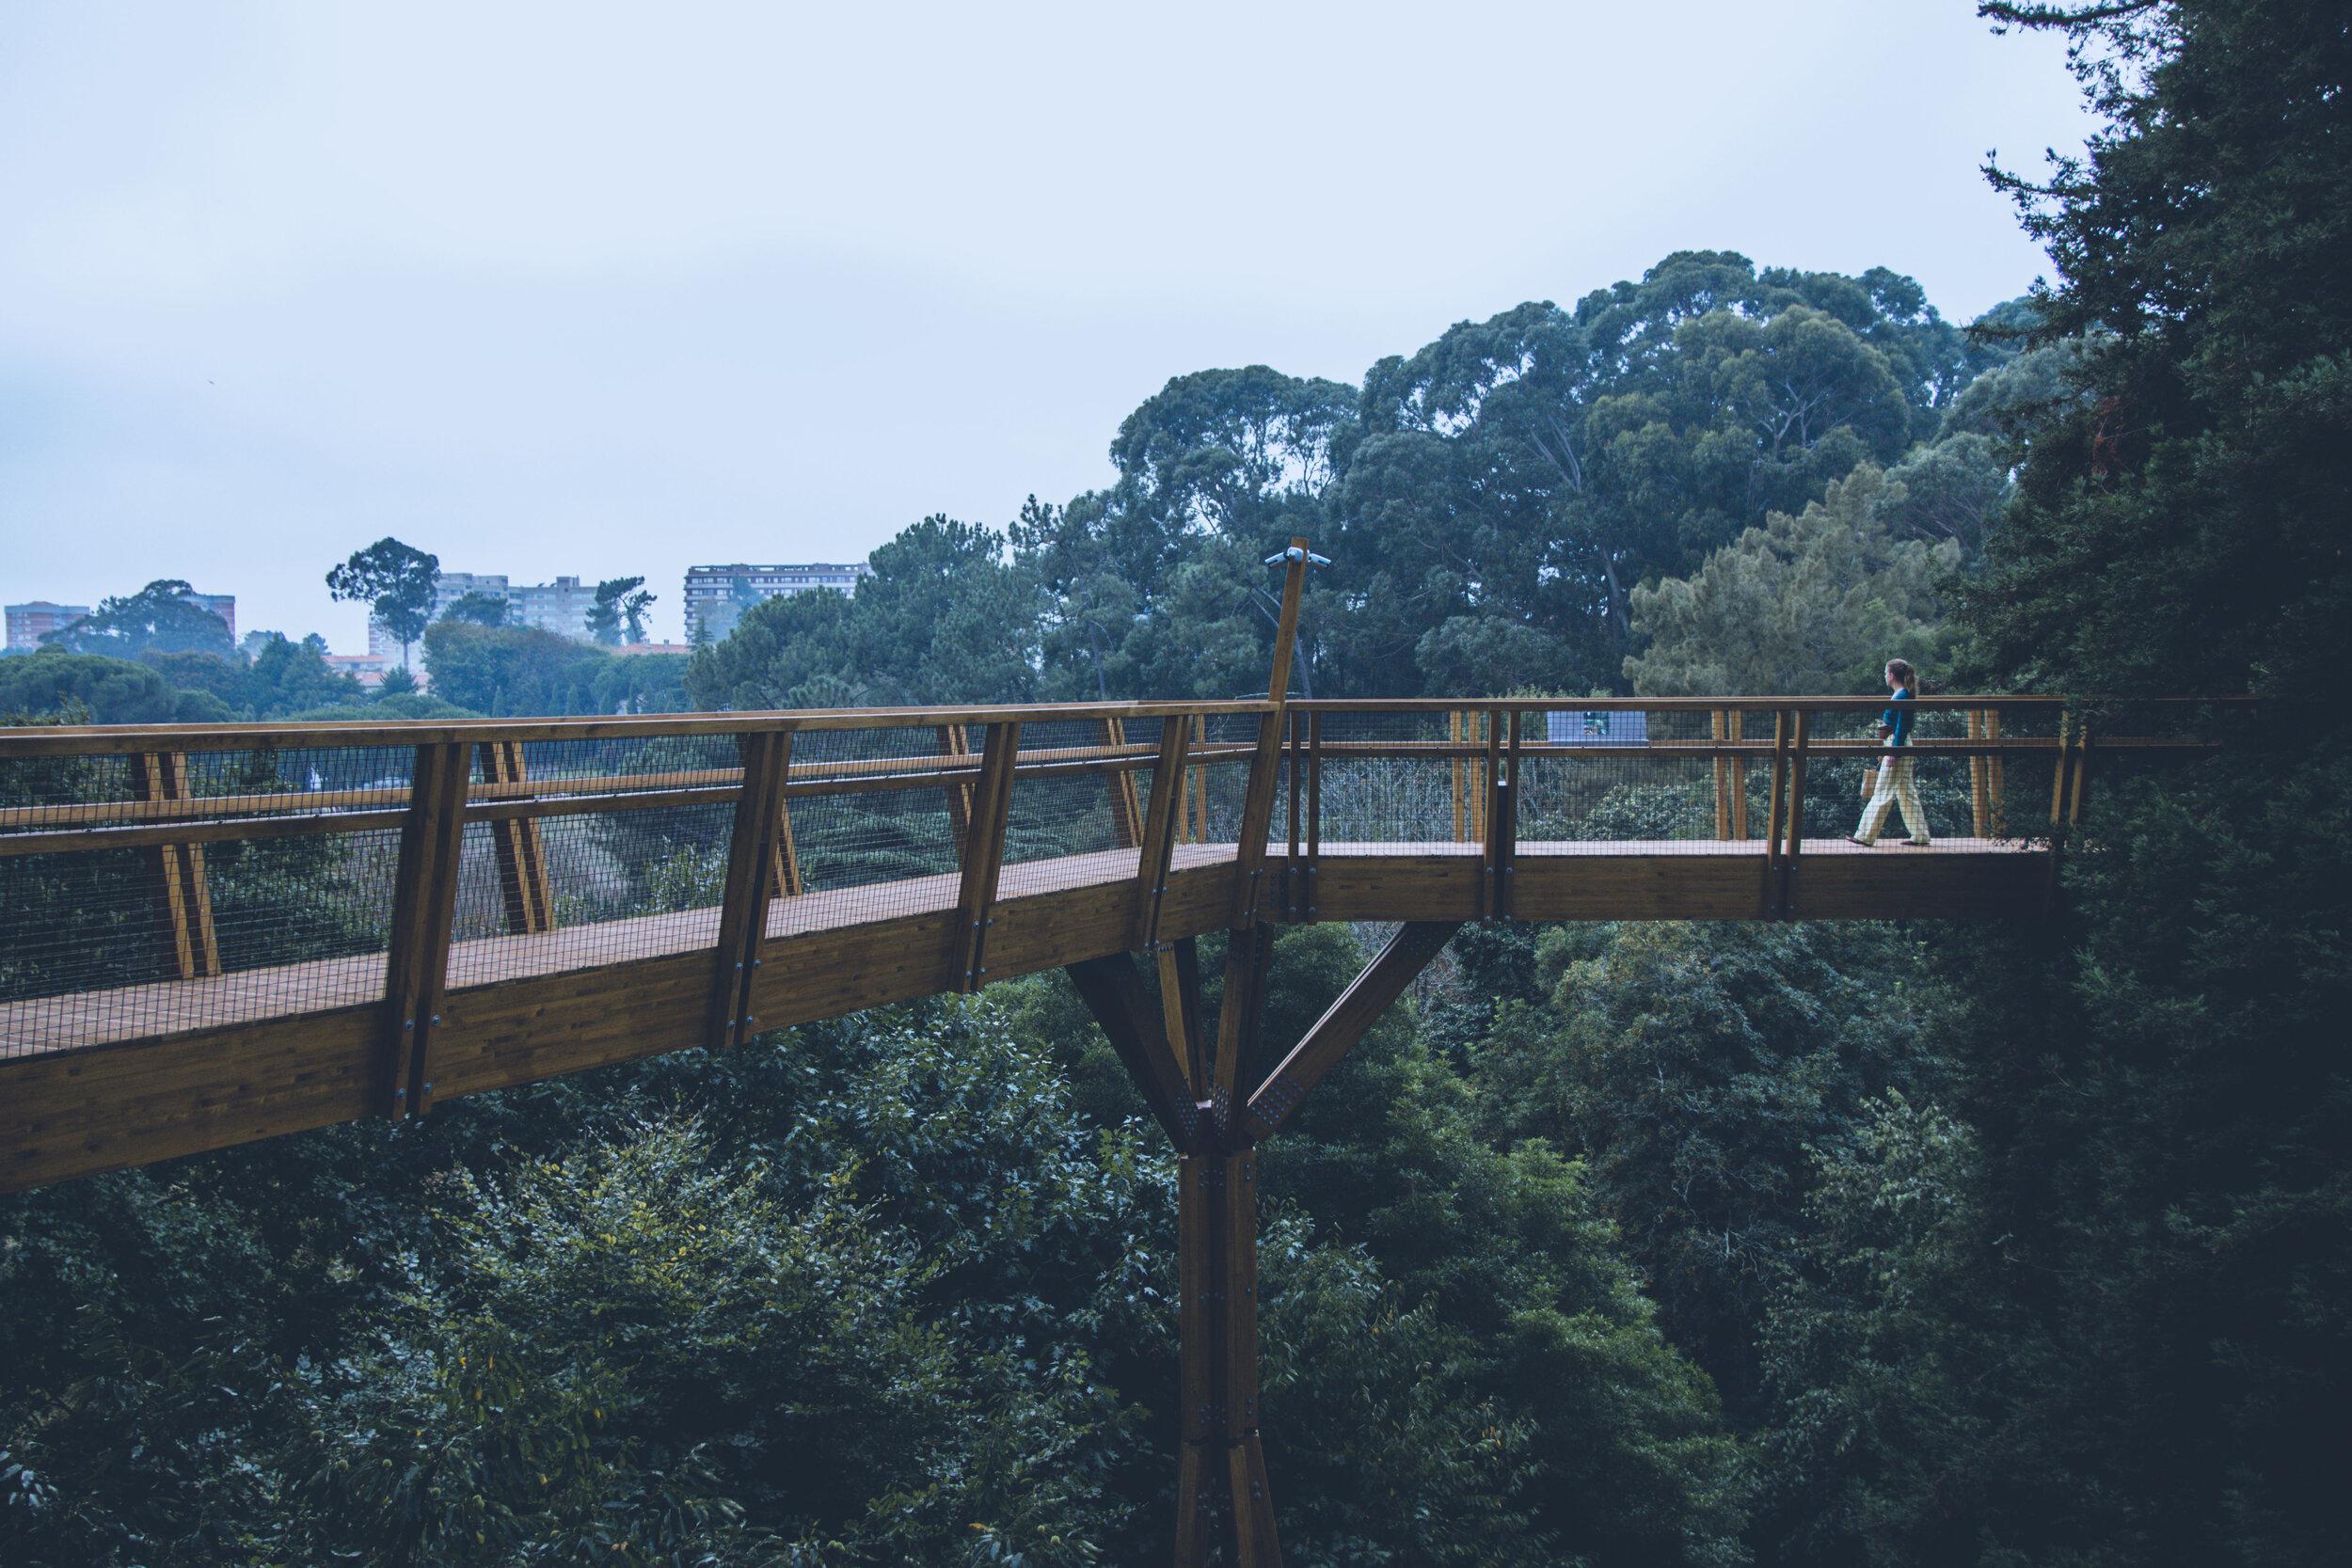 Serralves Treetop - Arch. Carlos Castanheira & Clara Bastai, Porto